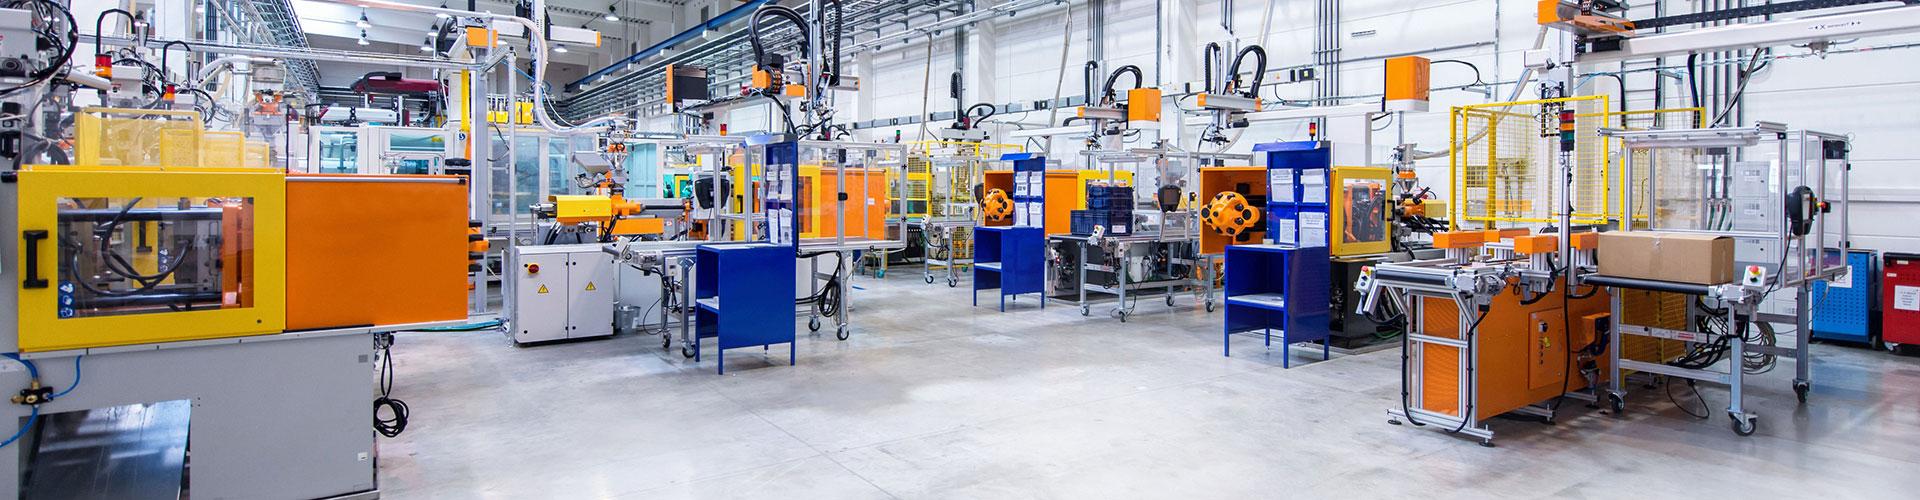 Fabrikhalle von KTI als OEM- und ODM-Dienstleister